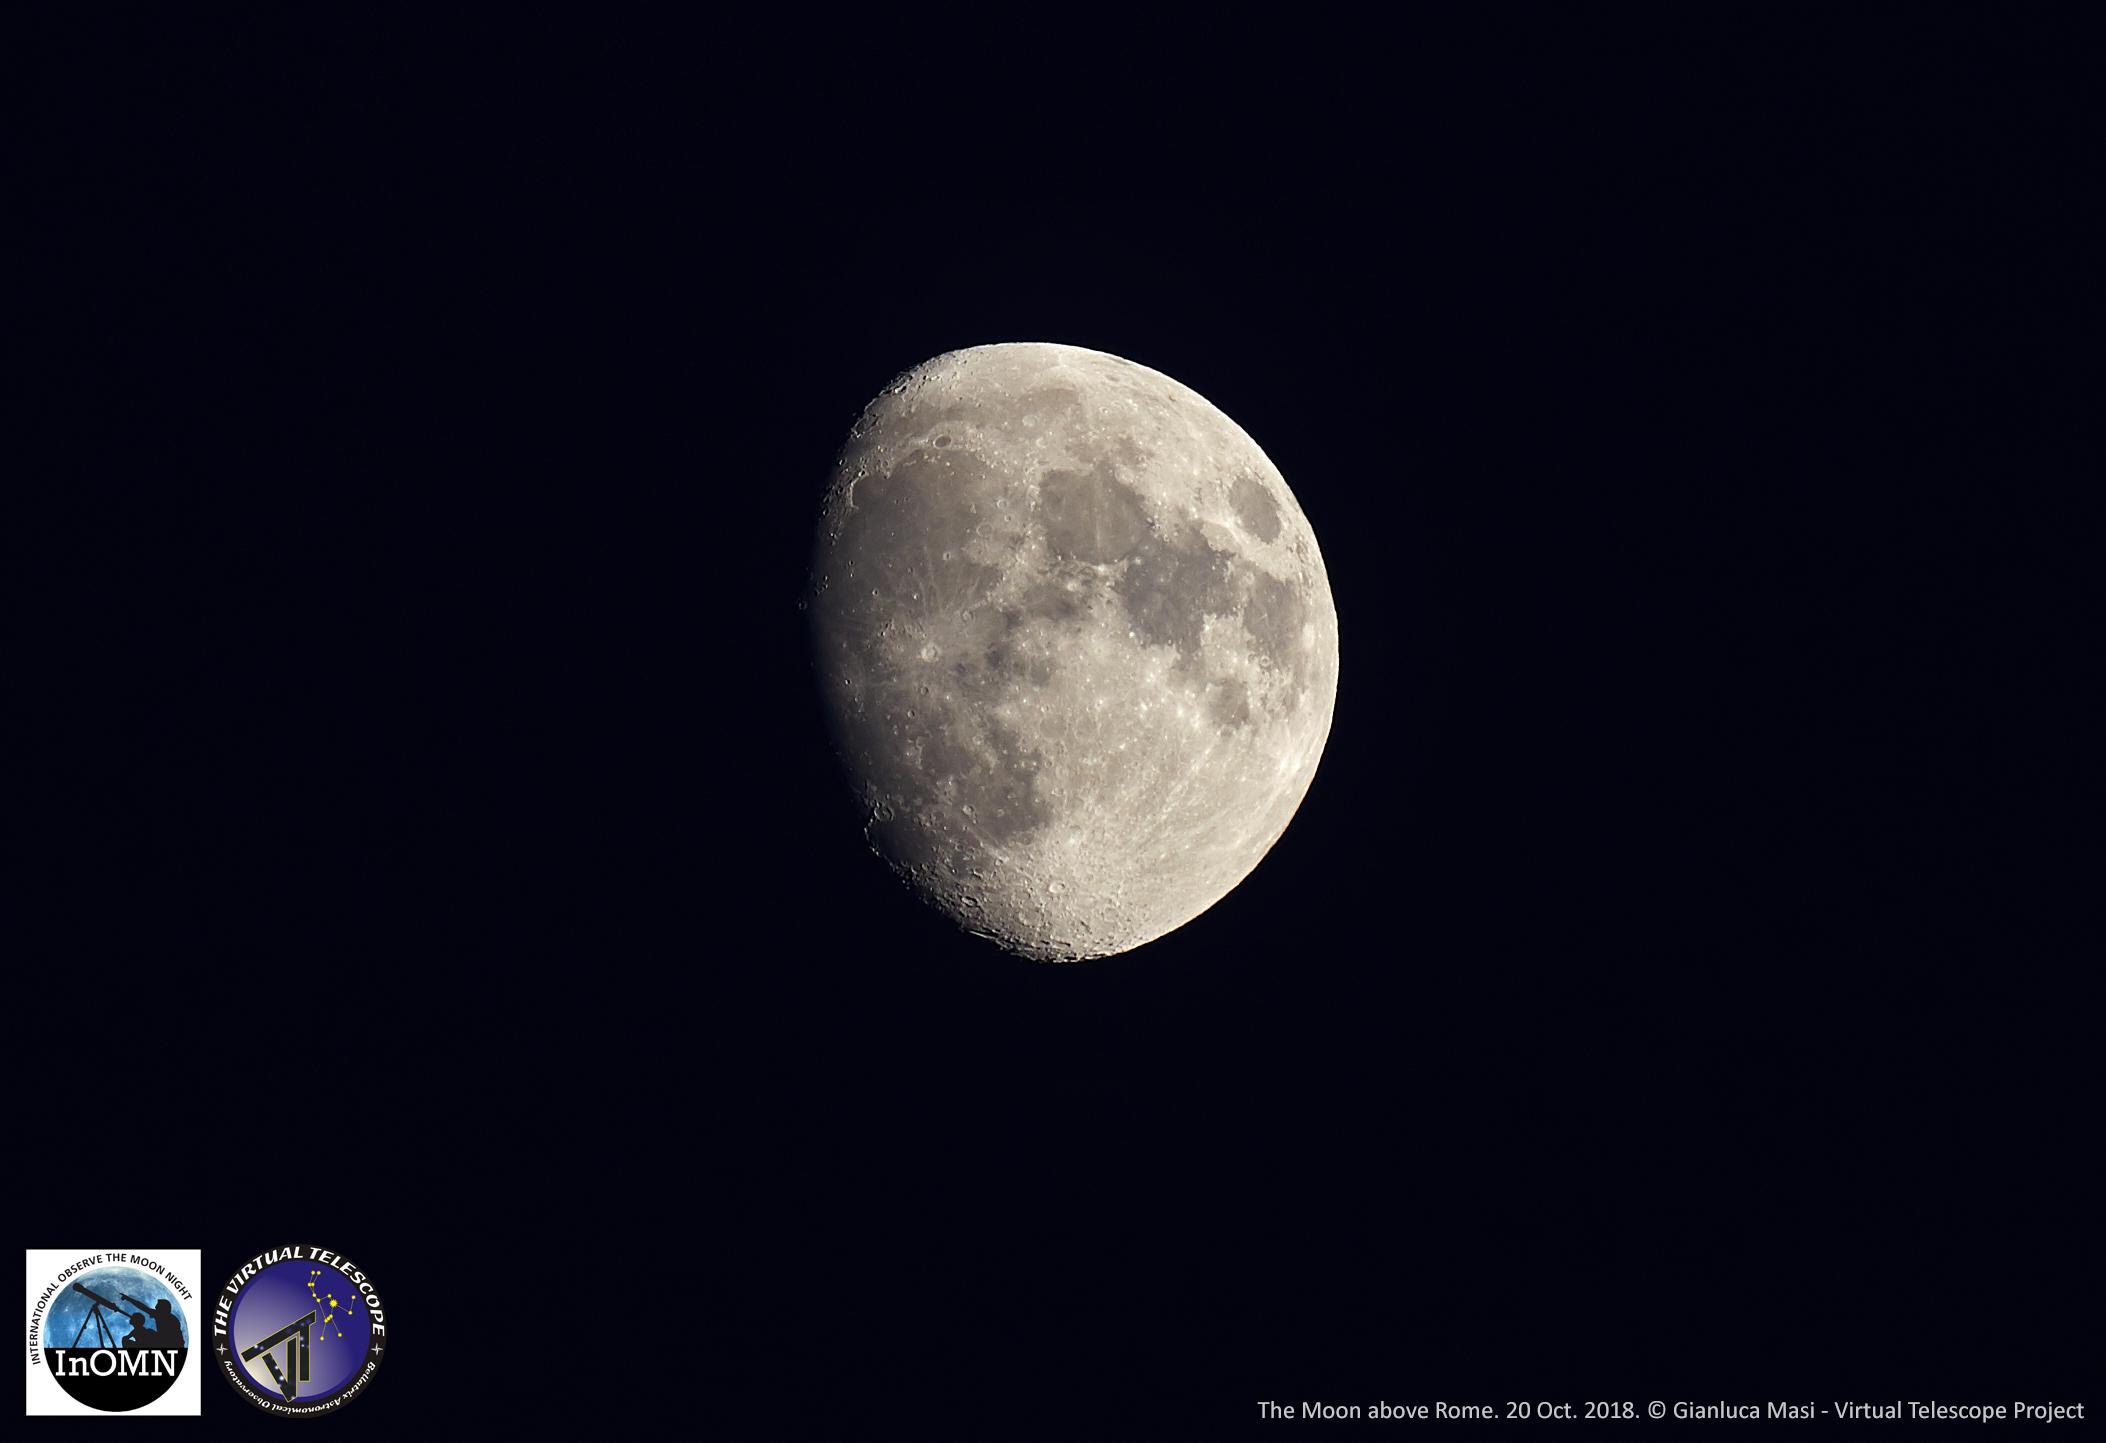 The Moon on its InOMN 2018 night - 20 Oct. 2018